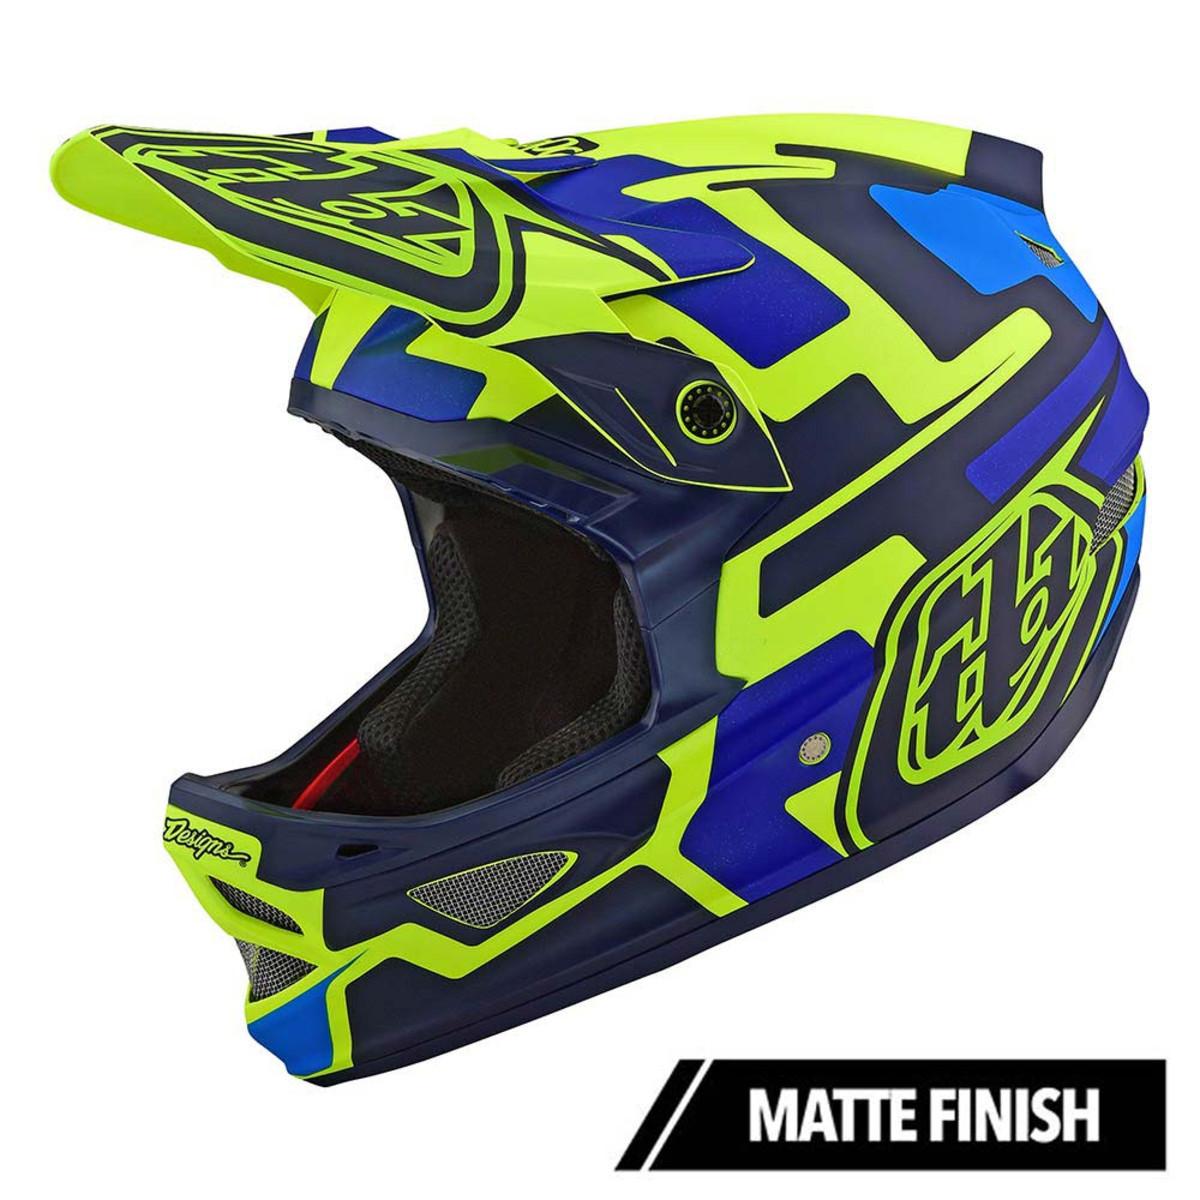 Вело шлем TLD D3 Fiberlite  Speedcode [YELLOW / BLUE] размер S